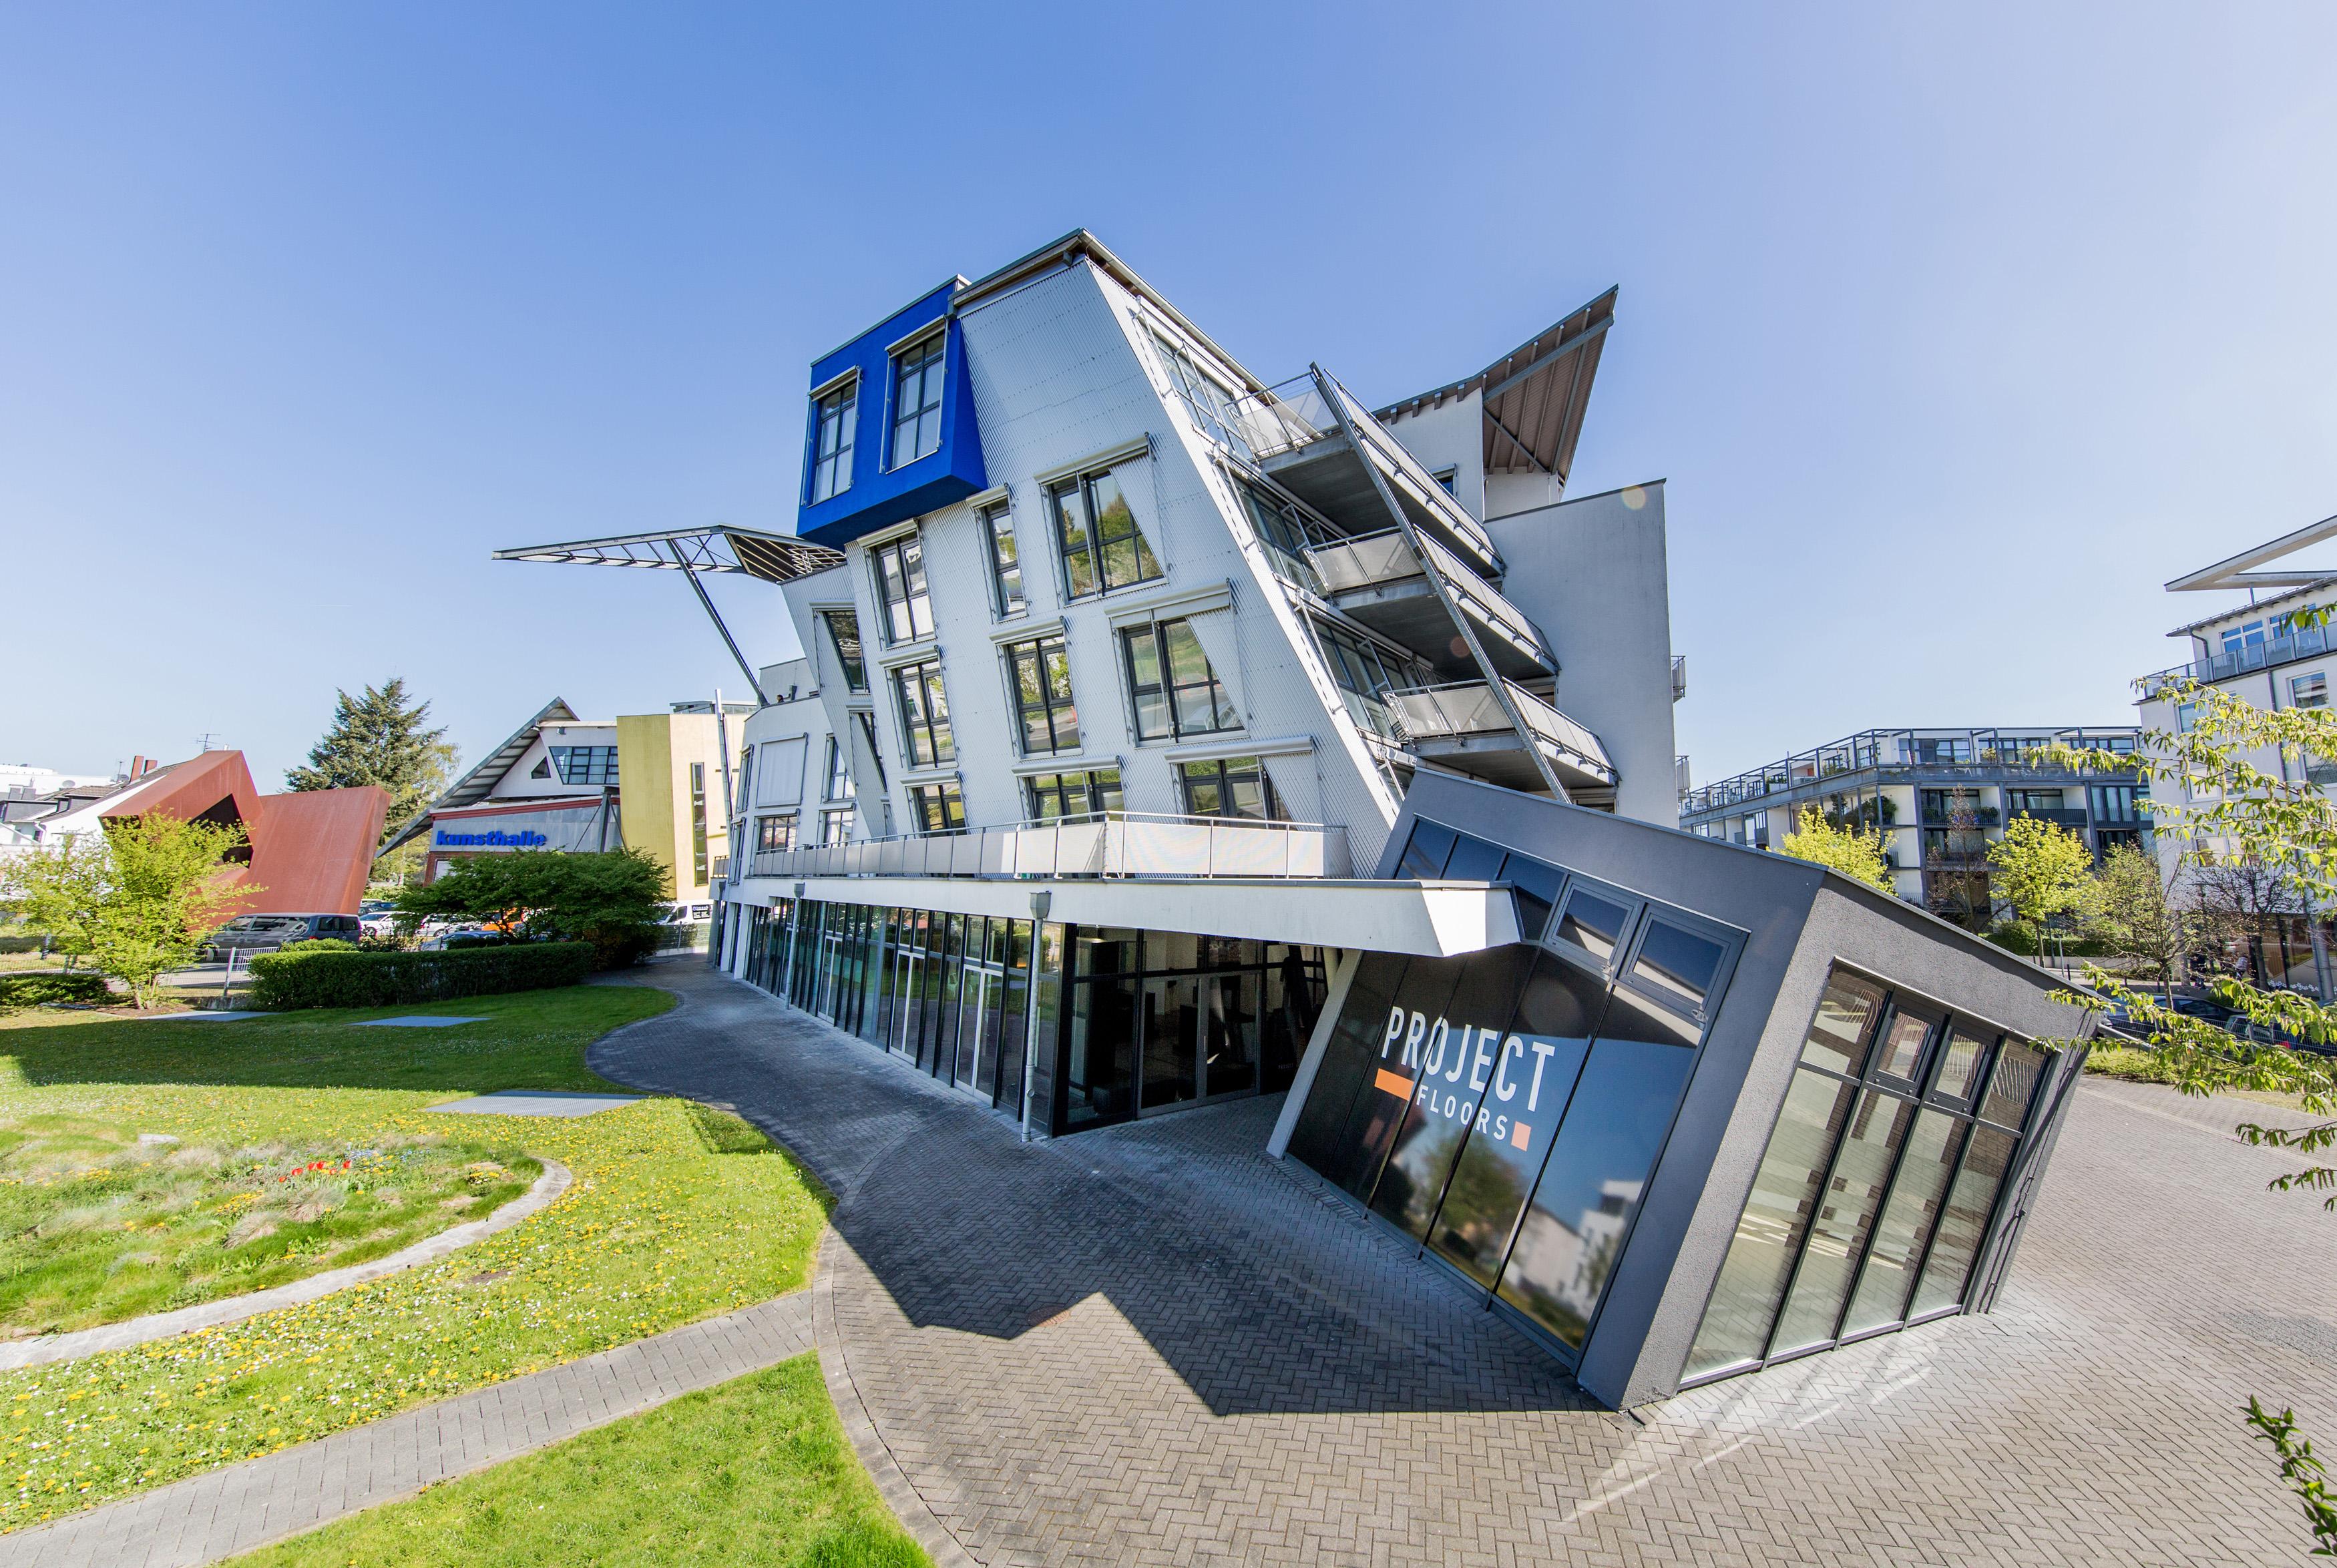 30 jahre leidenschaft f r architektur und raum - Dekonstruktivismus architektur ...